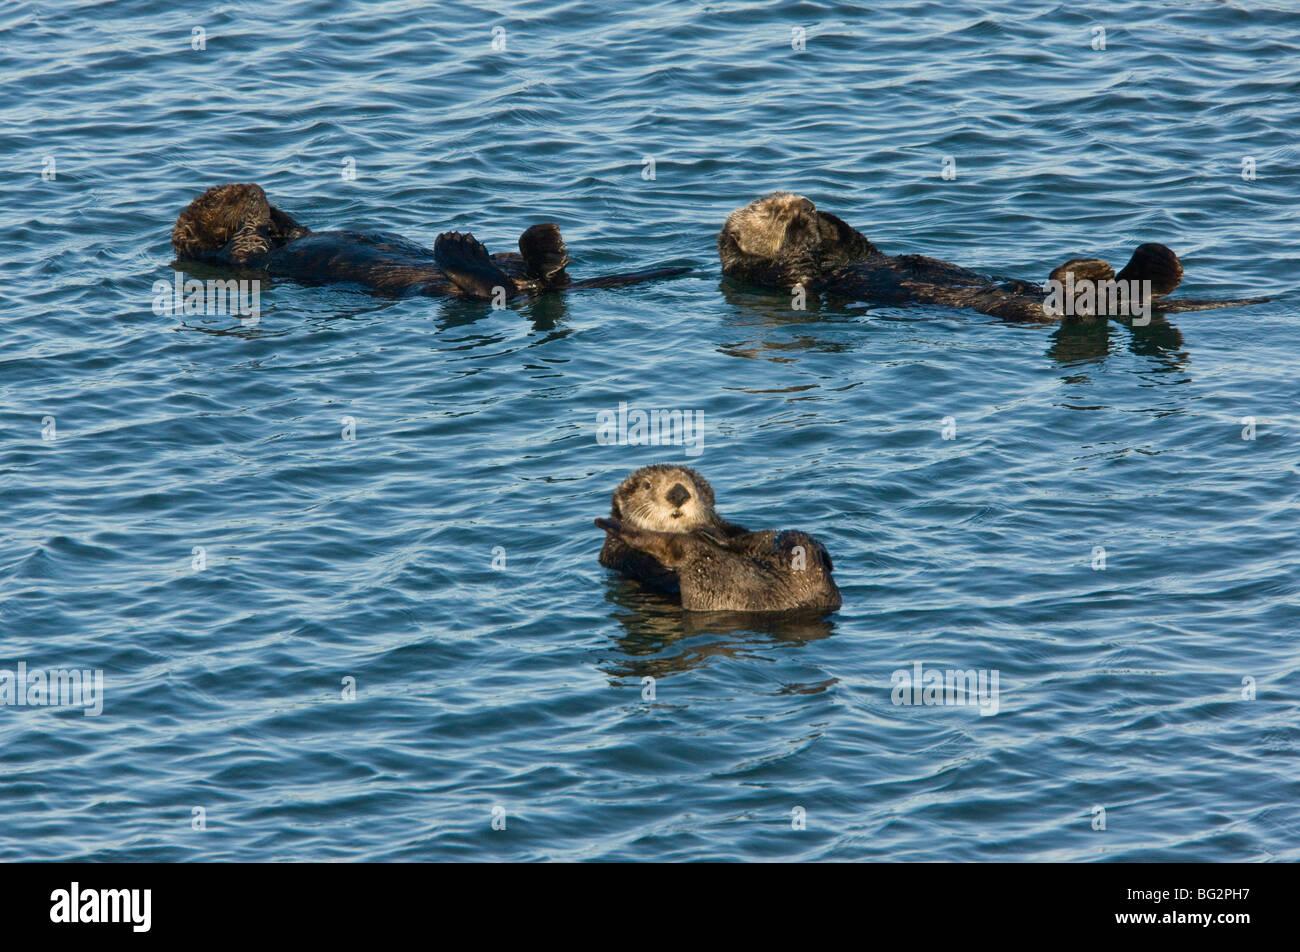 Floating On Backs Stock Photos & Floating On Backs Stock Images - Alamy